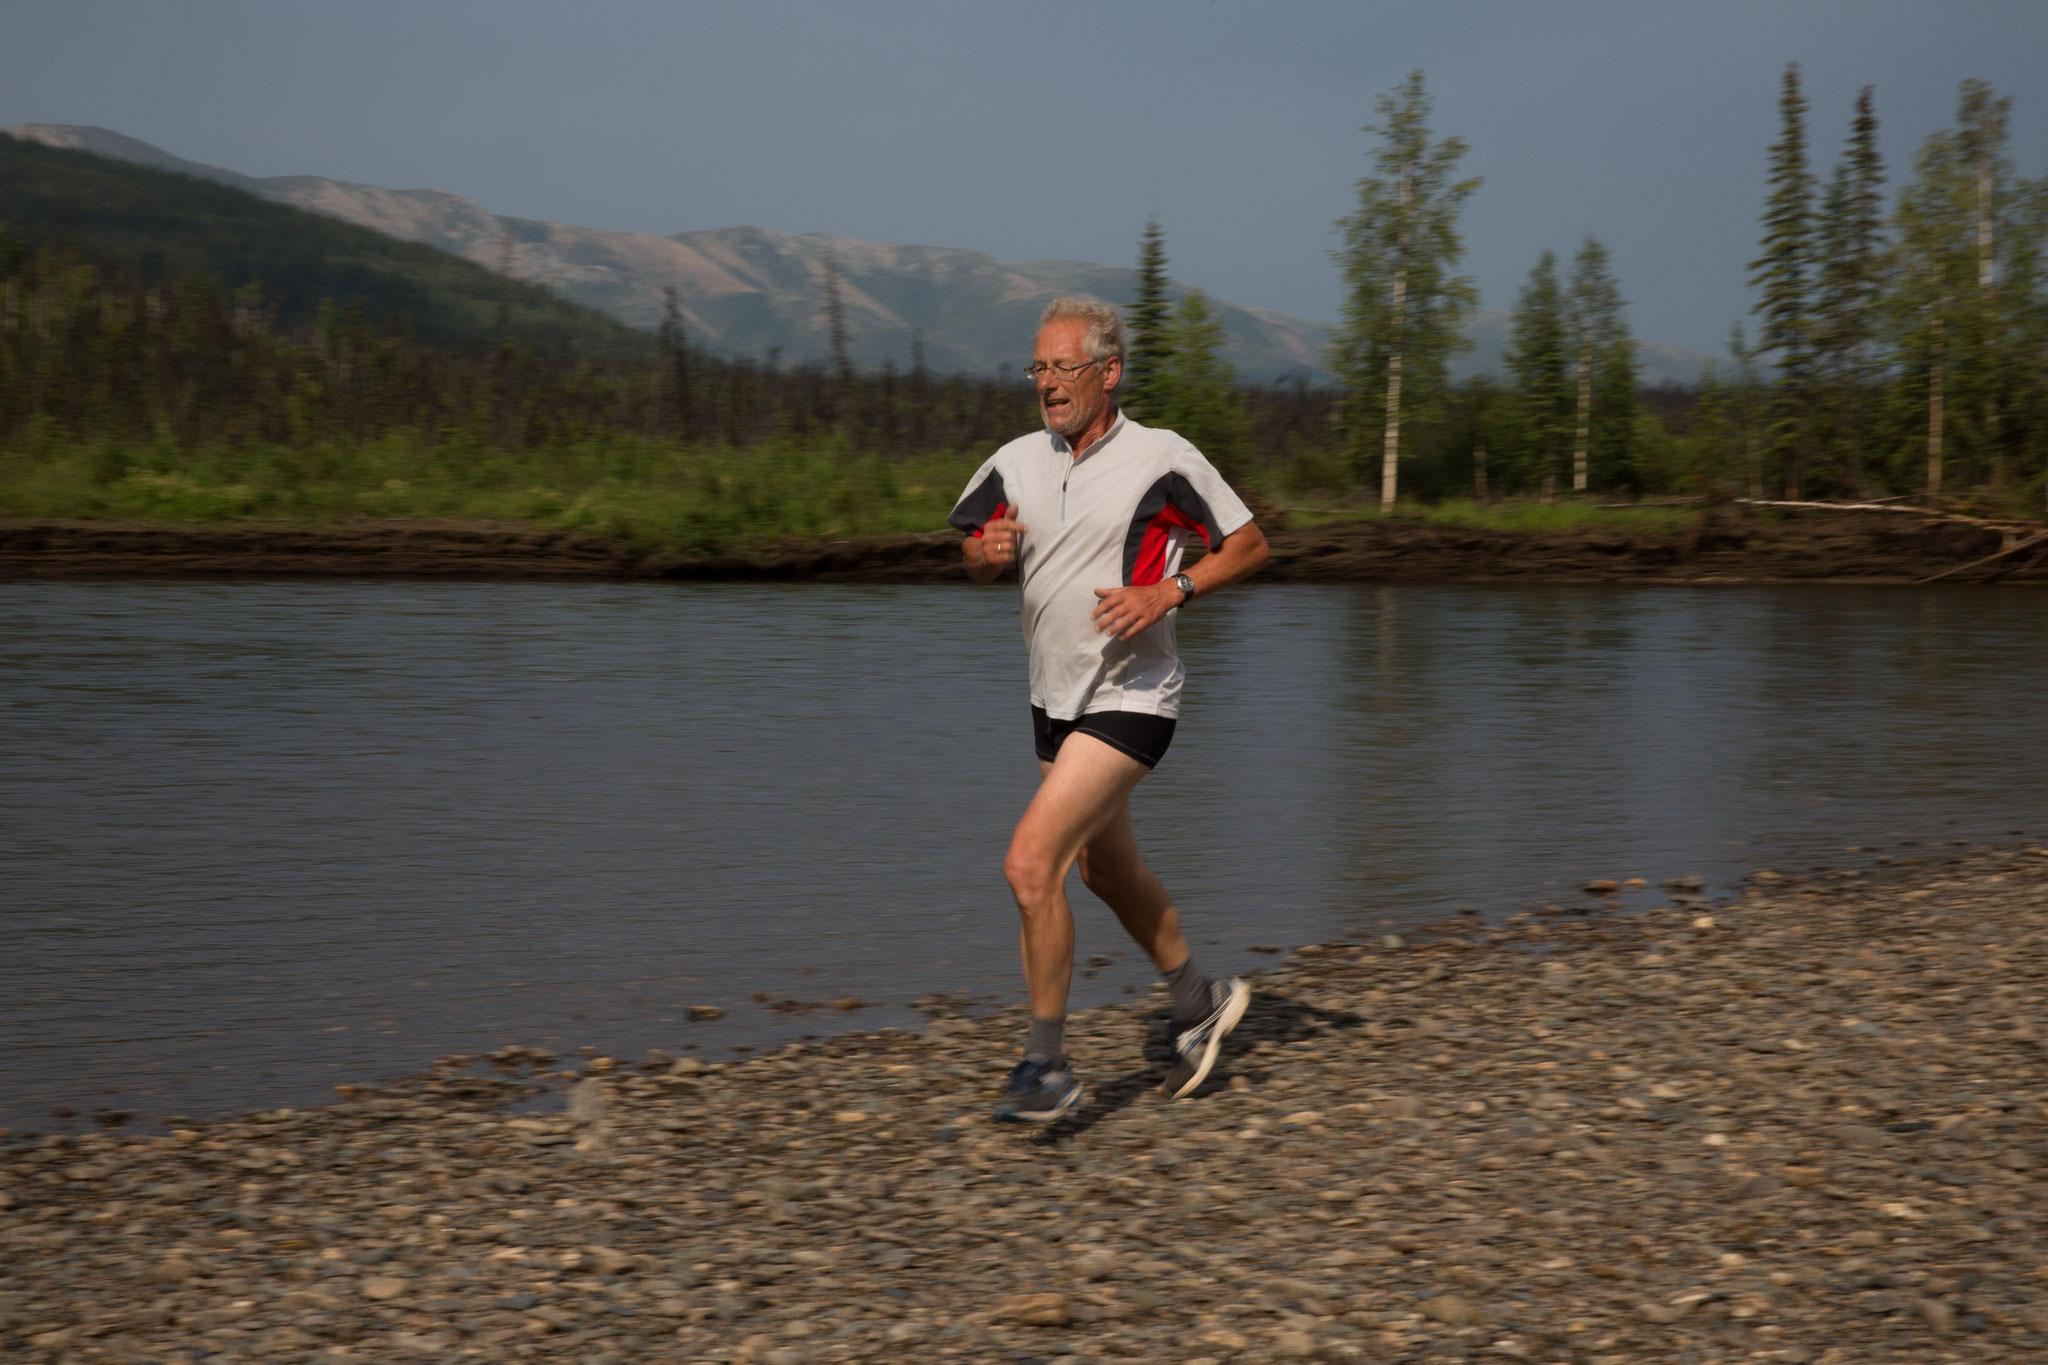 Klaus läuft 10 km auf der Kiesbank (500 m x 20)